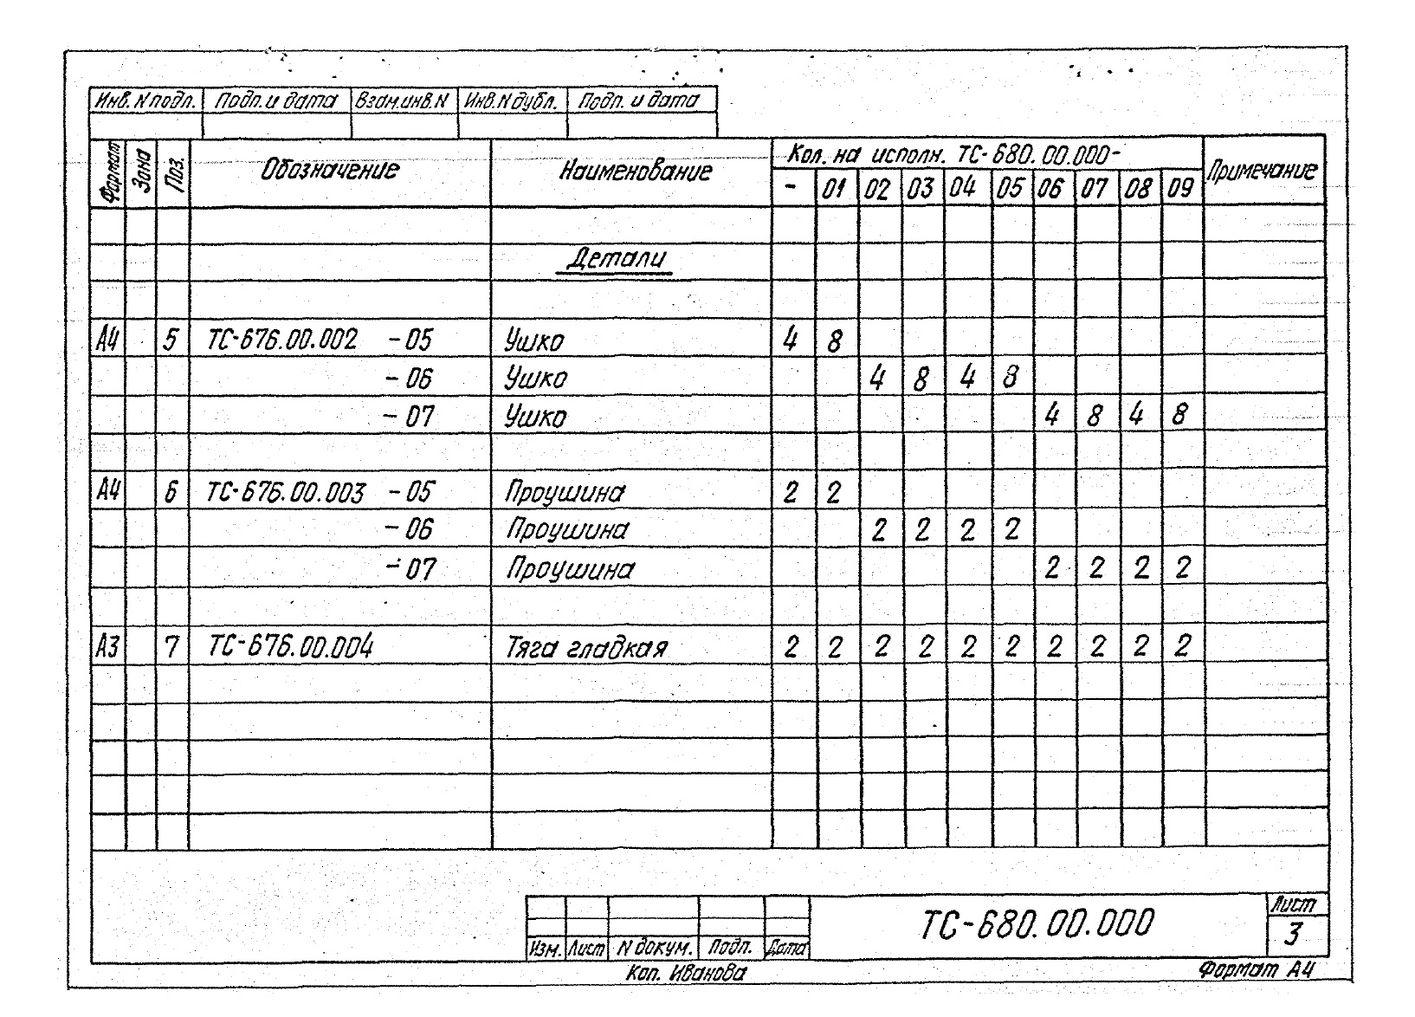 Podveski zhestkie Dn377-1420 TS-680 s.5.903-13 vyp.6-95 str.5